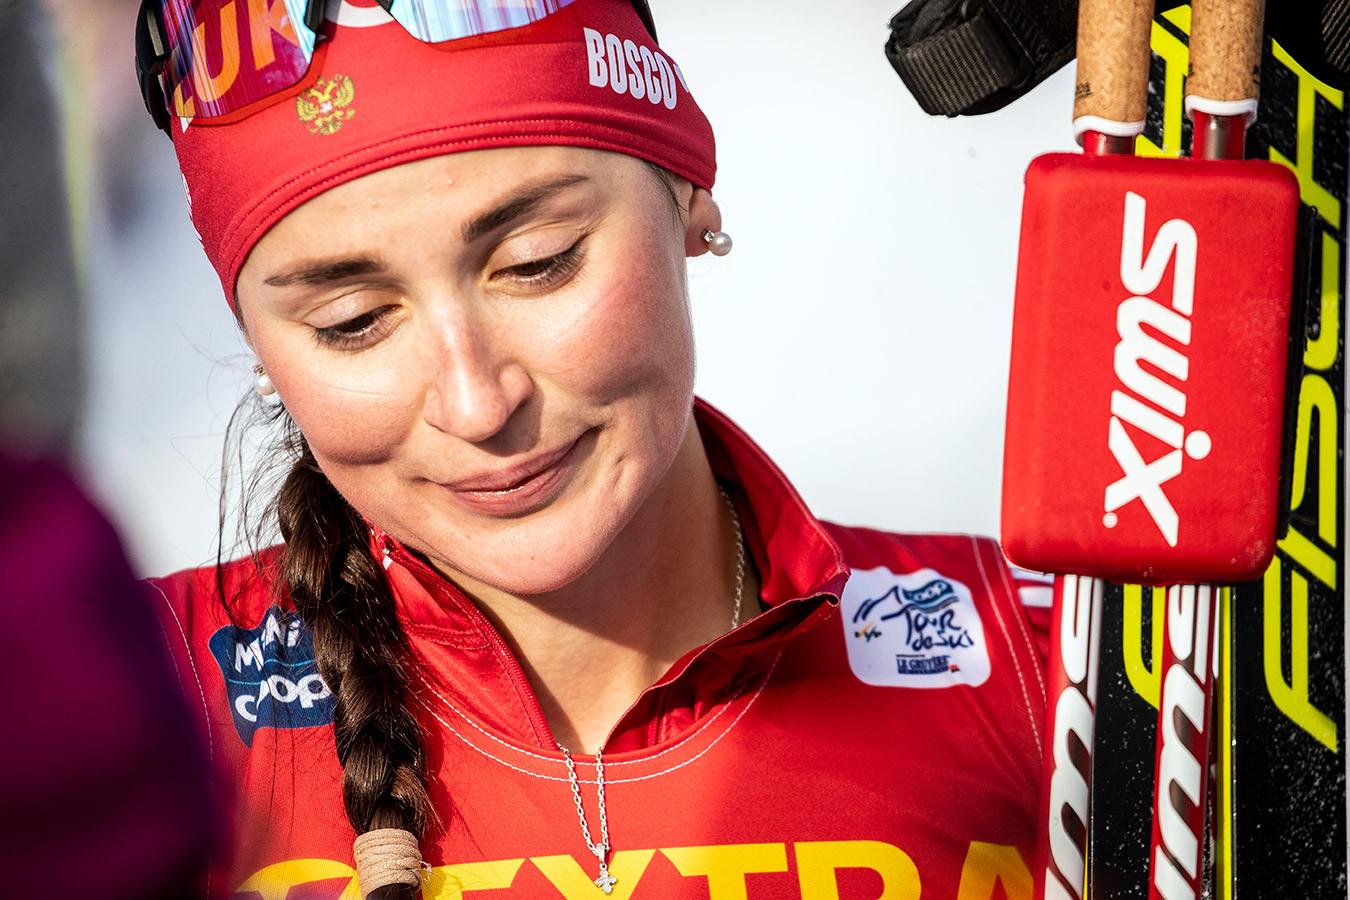 Юлия Ступак выиграла классический масс-старт в финале Кубка мира